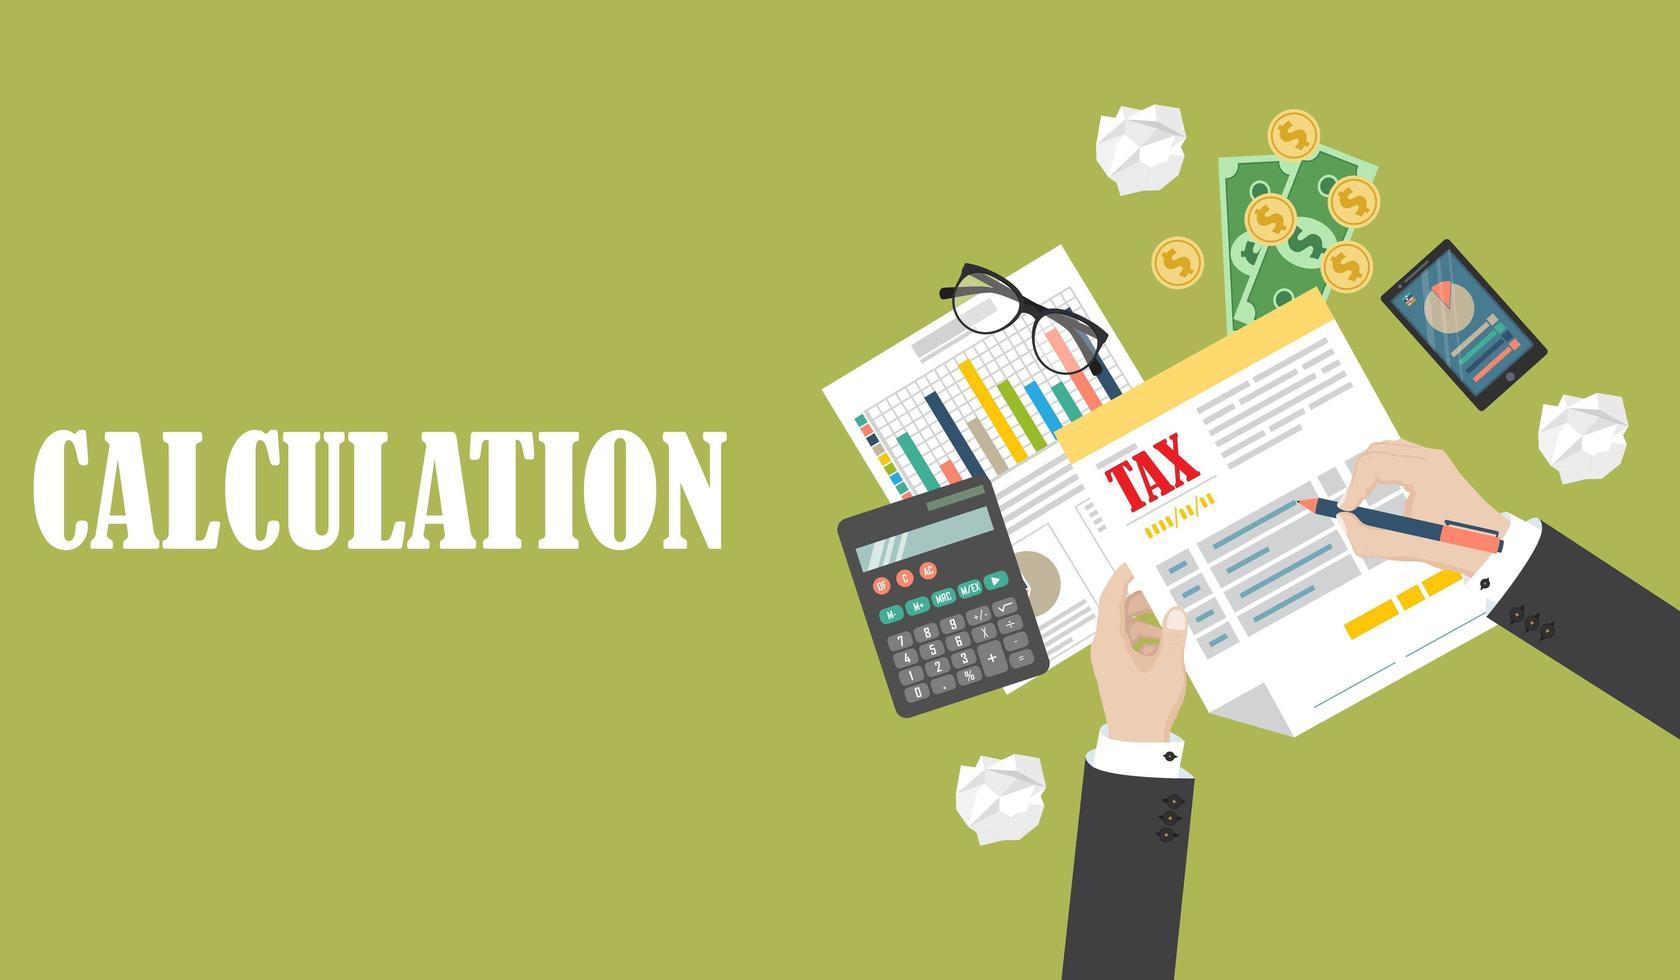 Prüfung des Steuerprozesses vektor